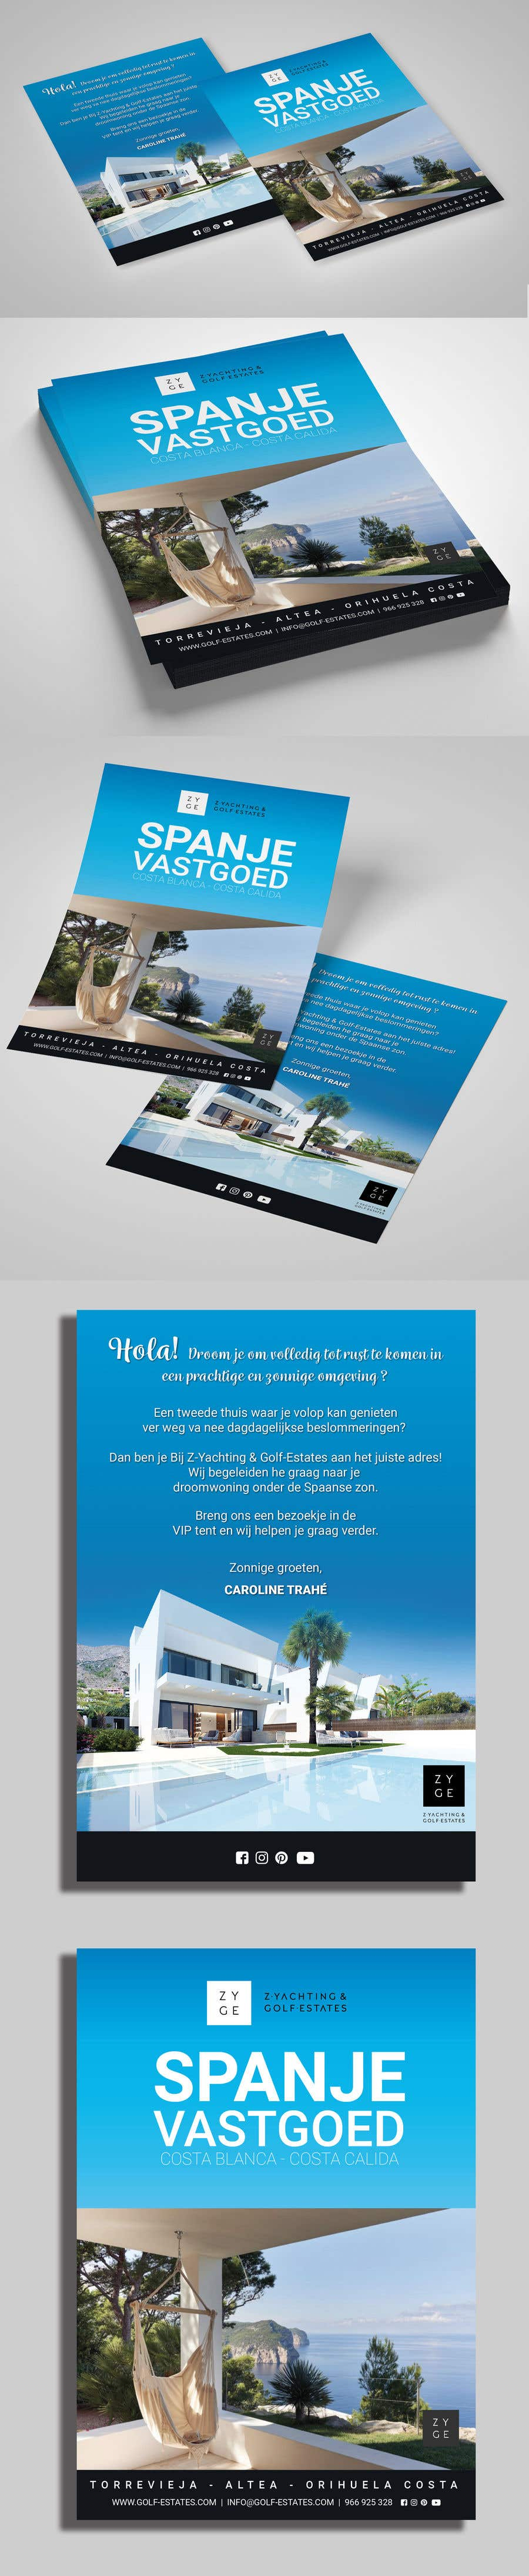 Bài tham dự cuộc thi #11 cho Design a flyer A 5